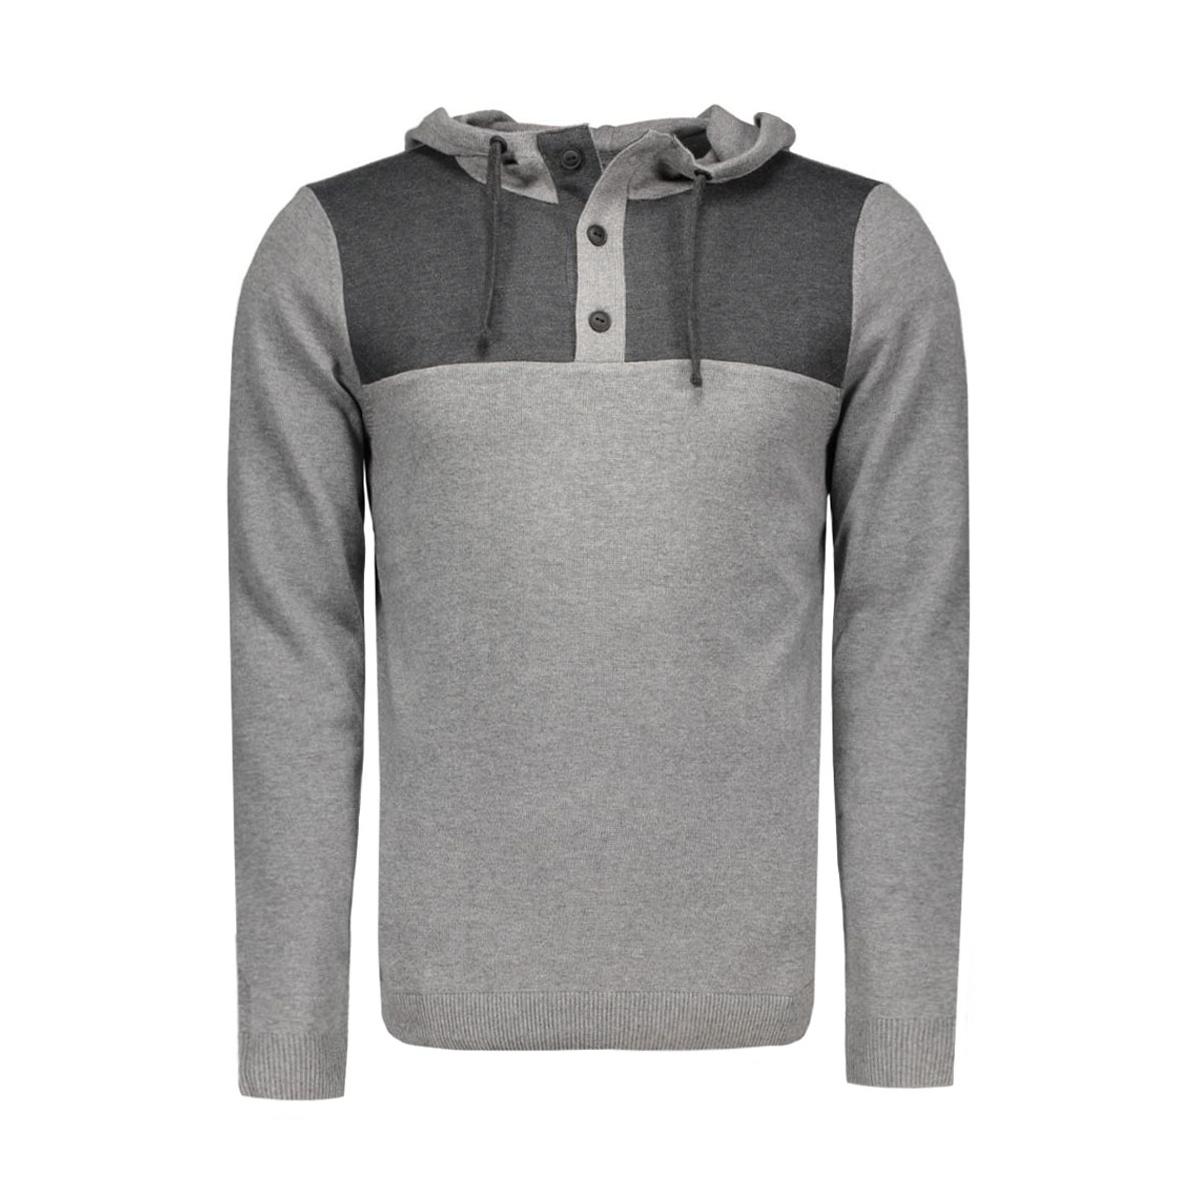 jcotravis knit hood 12113029 jack & jones sweater grey melange/ knit fit